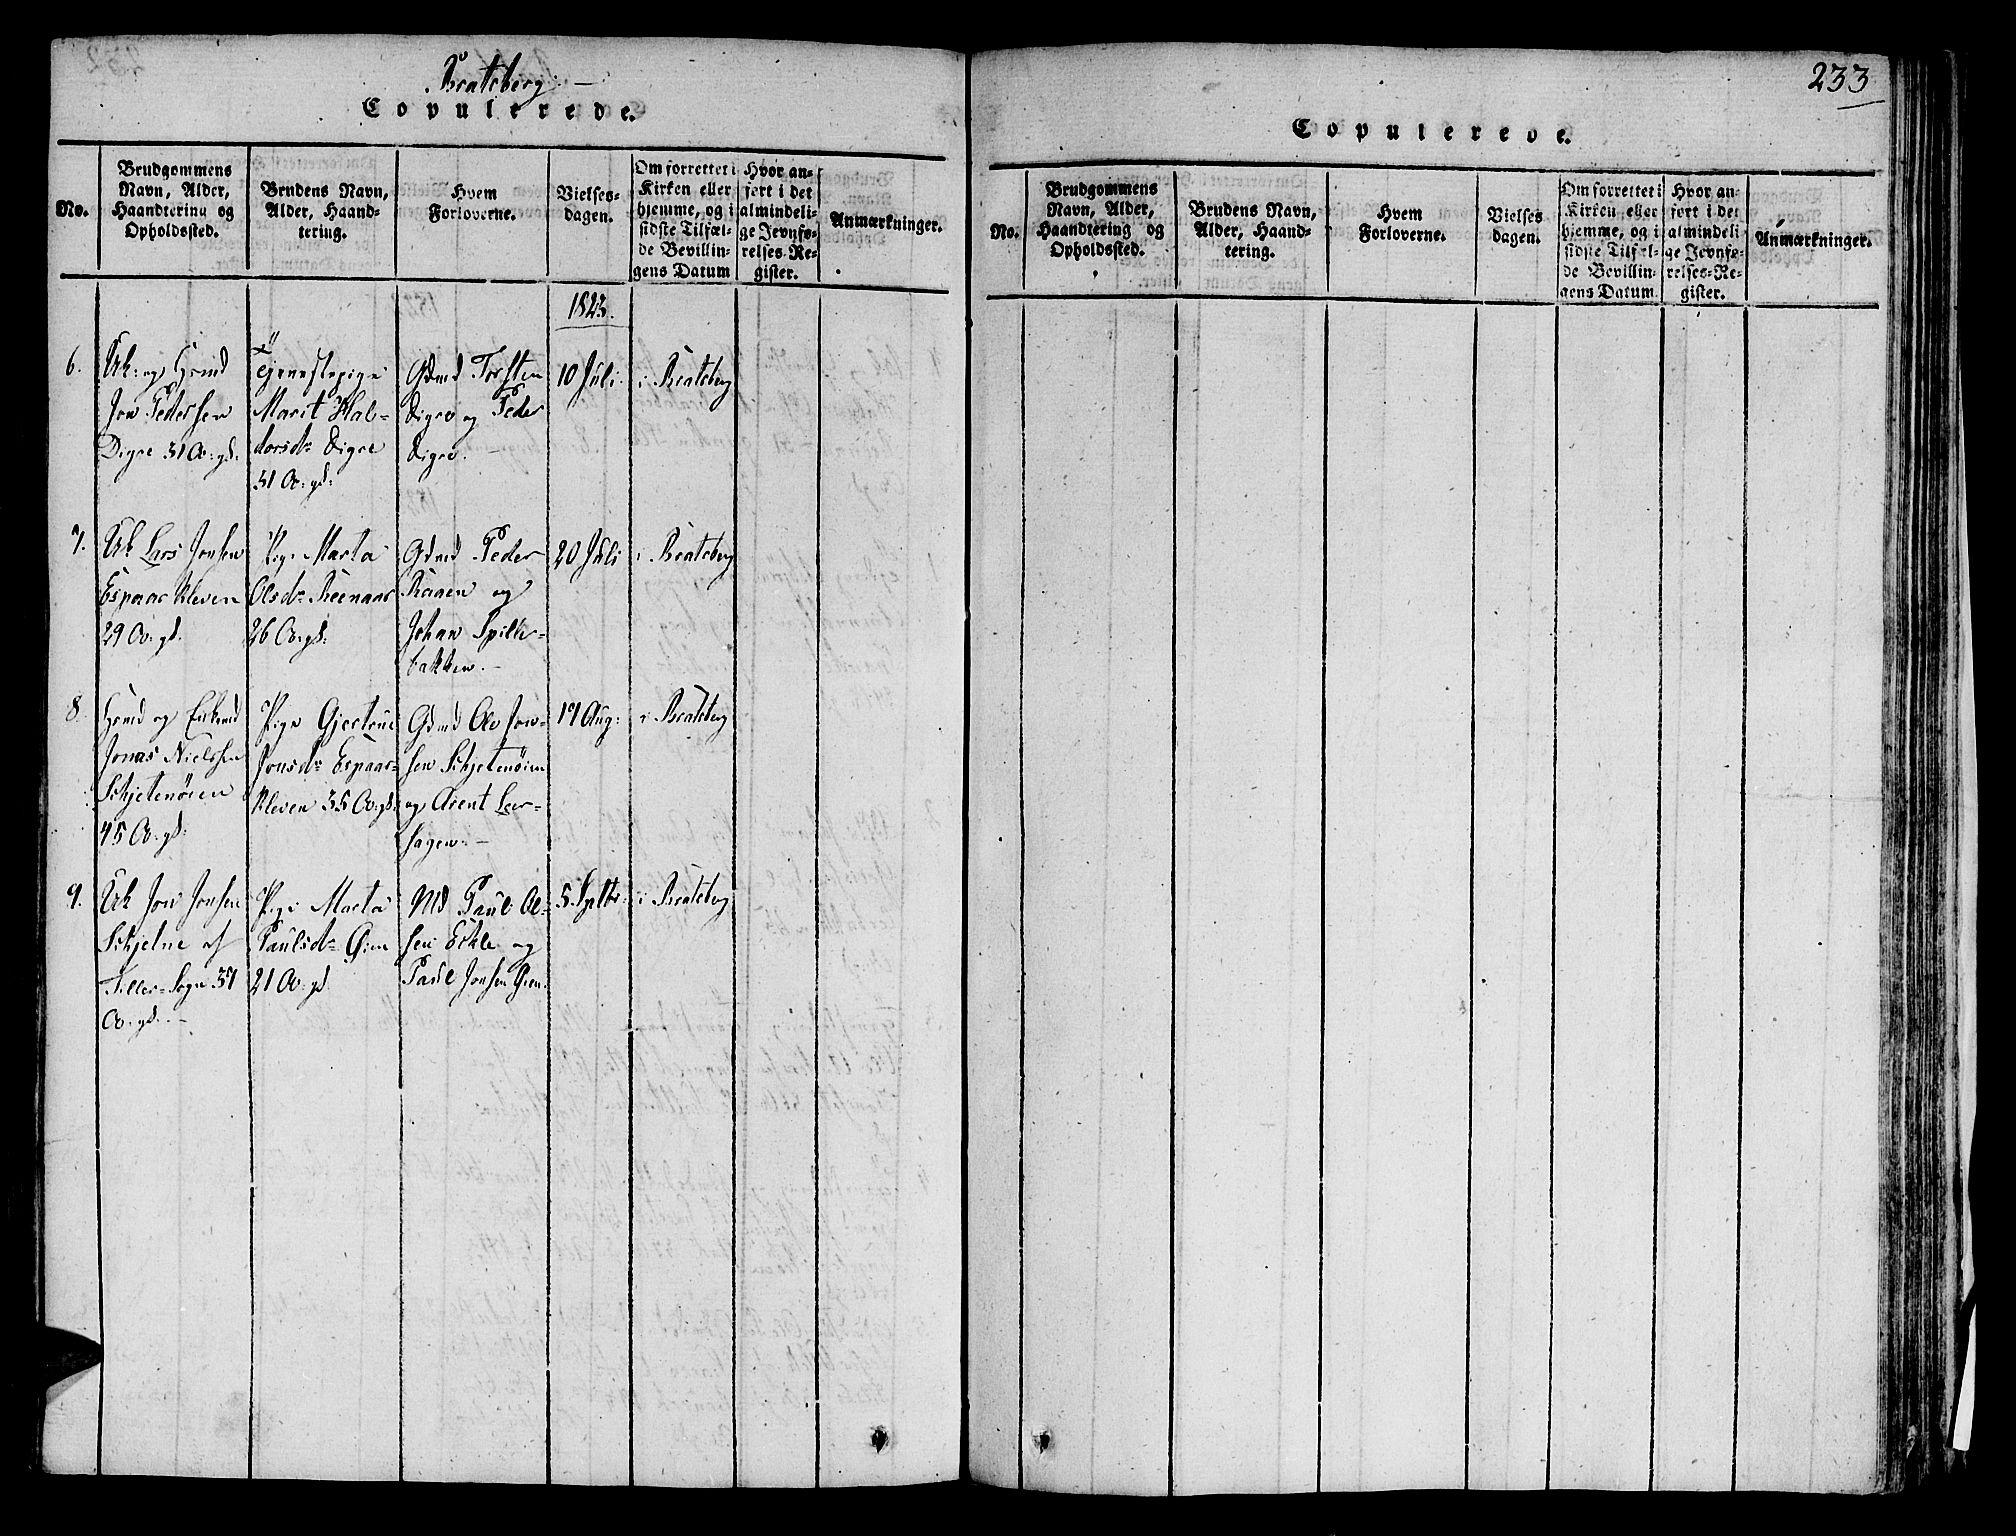 SAT, Ministerialprotokoller, klokkerbøker og fødselsregistre - Sør-Trøndelag, 606/L0285: Ministerialbok nr. 606A03 /3, 1819-1823, s. 233